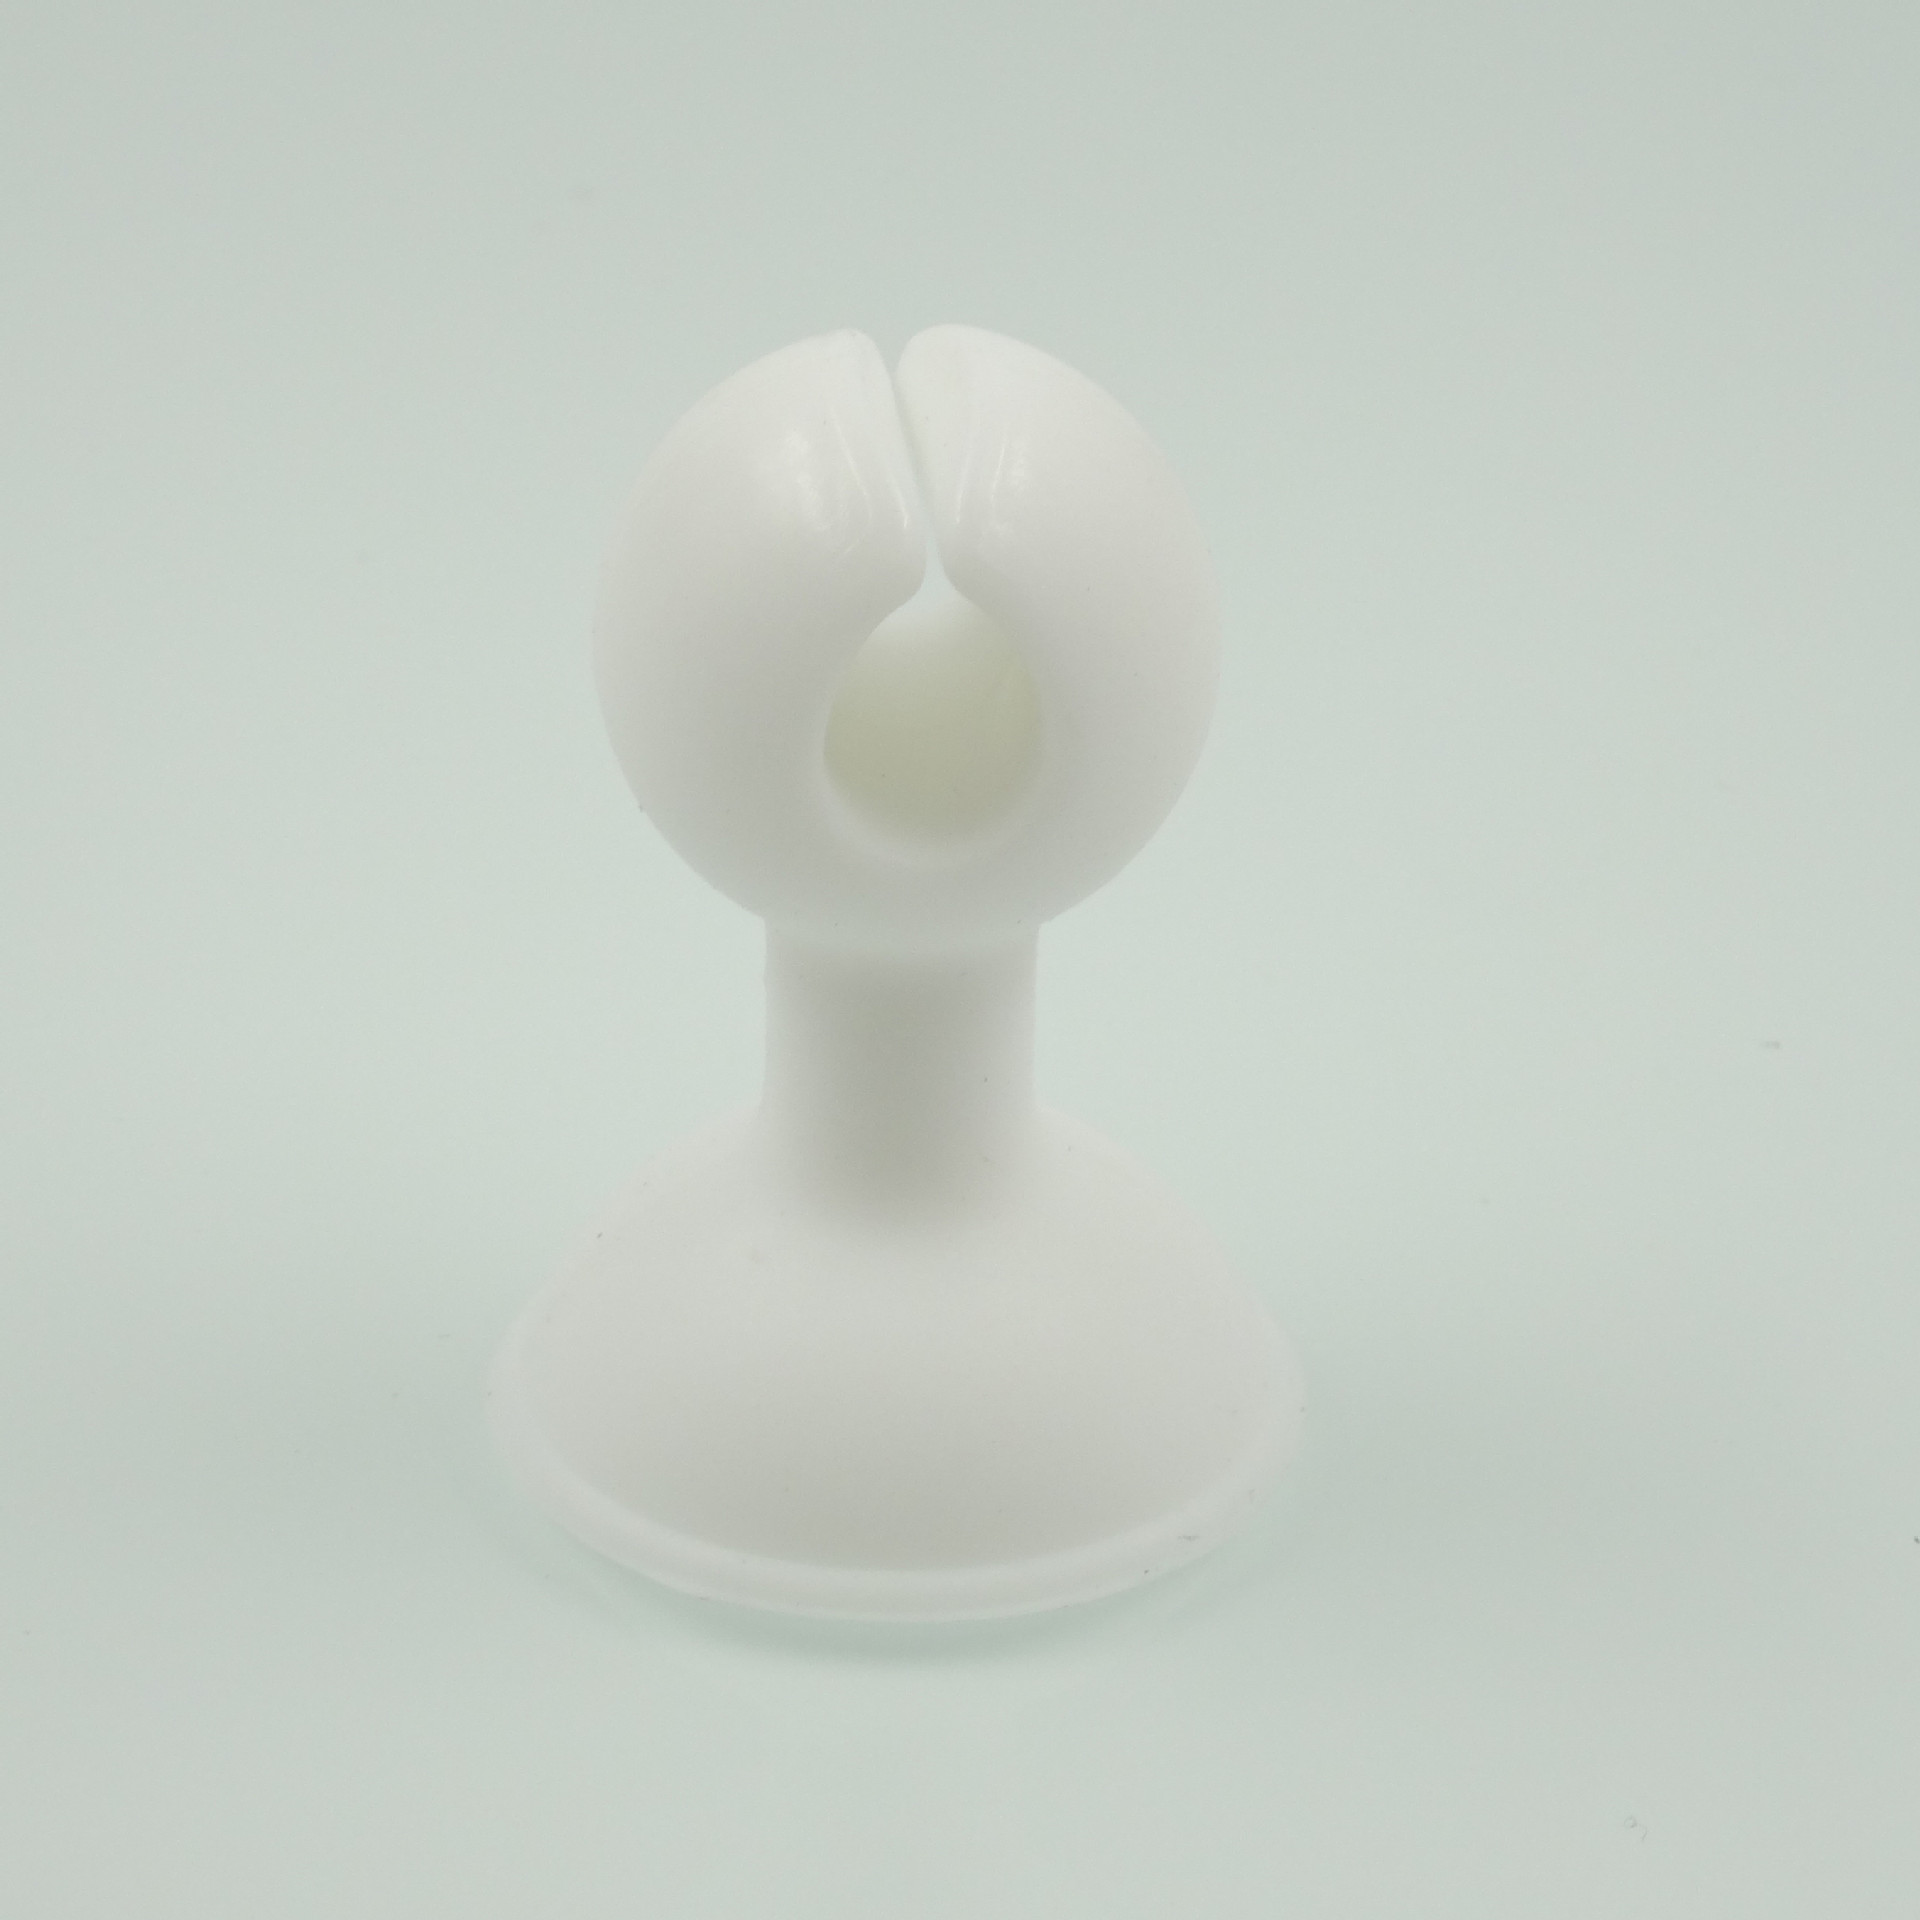 Đế đỡ bằng silicon hình kẹp tròn